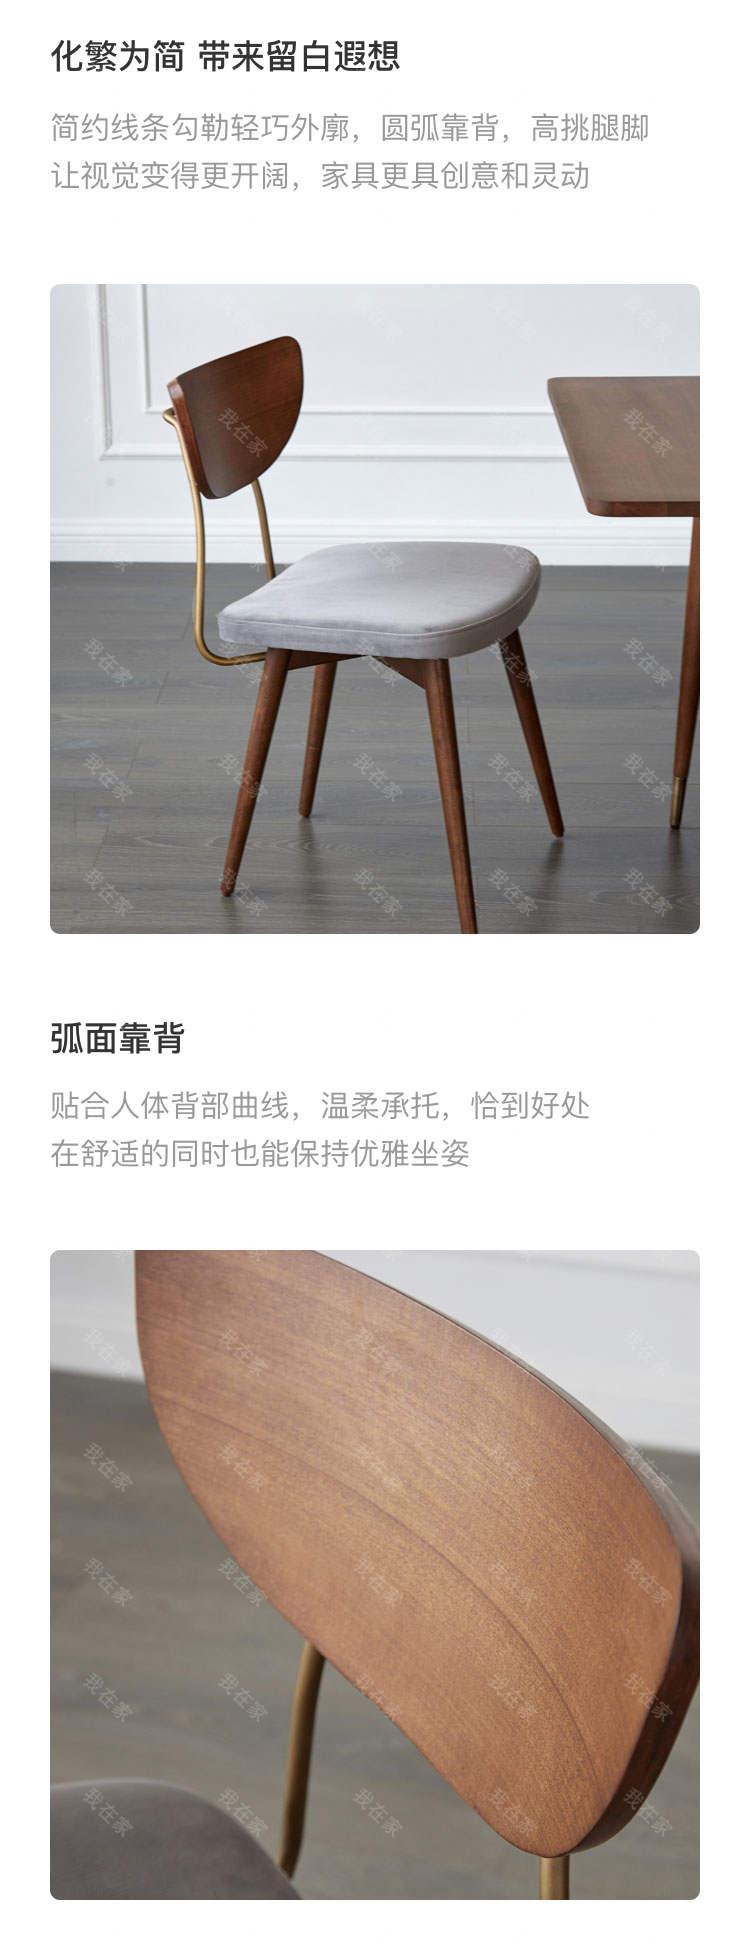 中古风风格马德里餐椅(样品特惠)的家具详细介绍